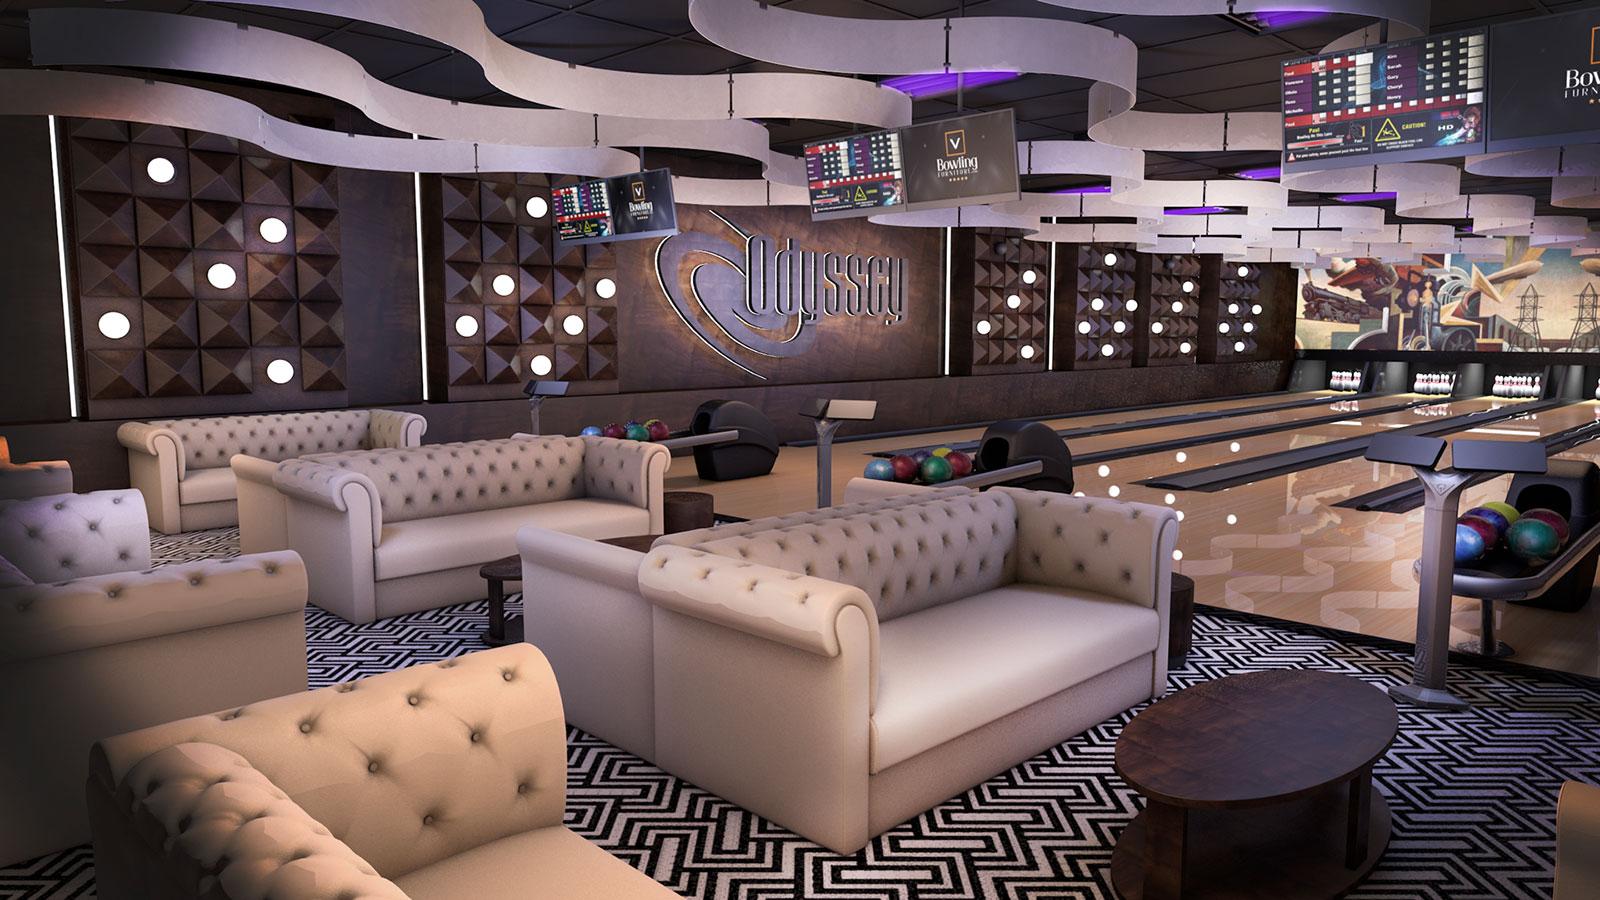 bowling center concept design